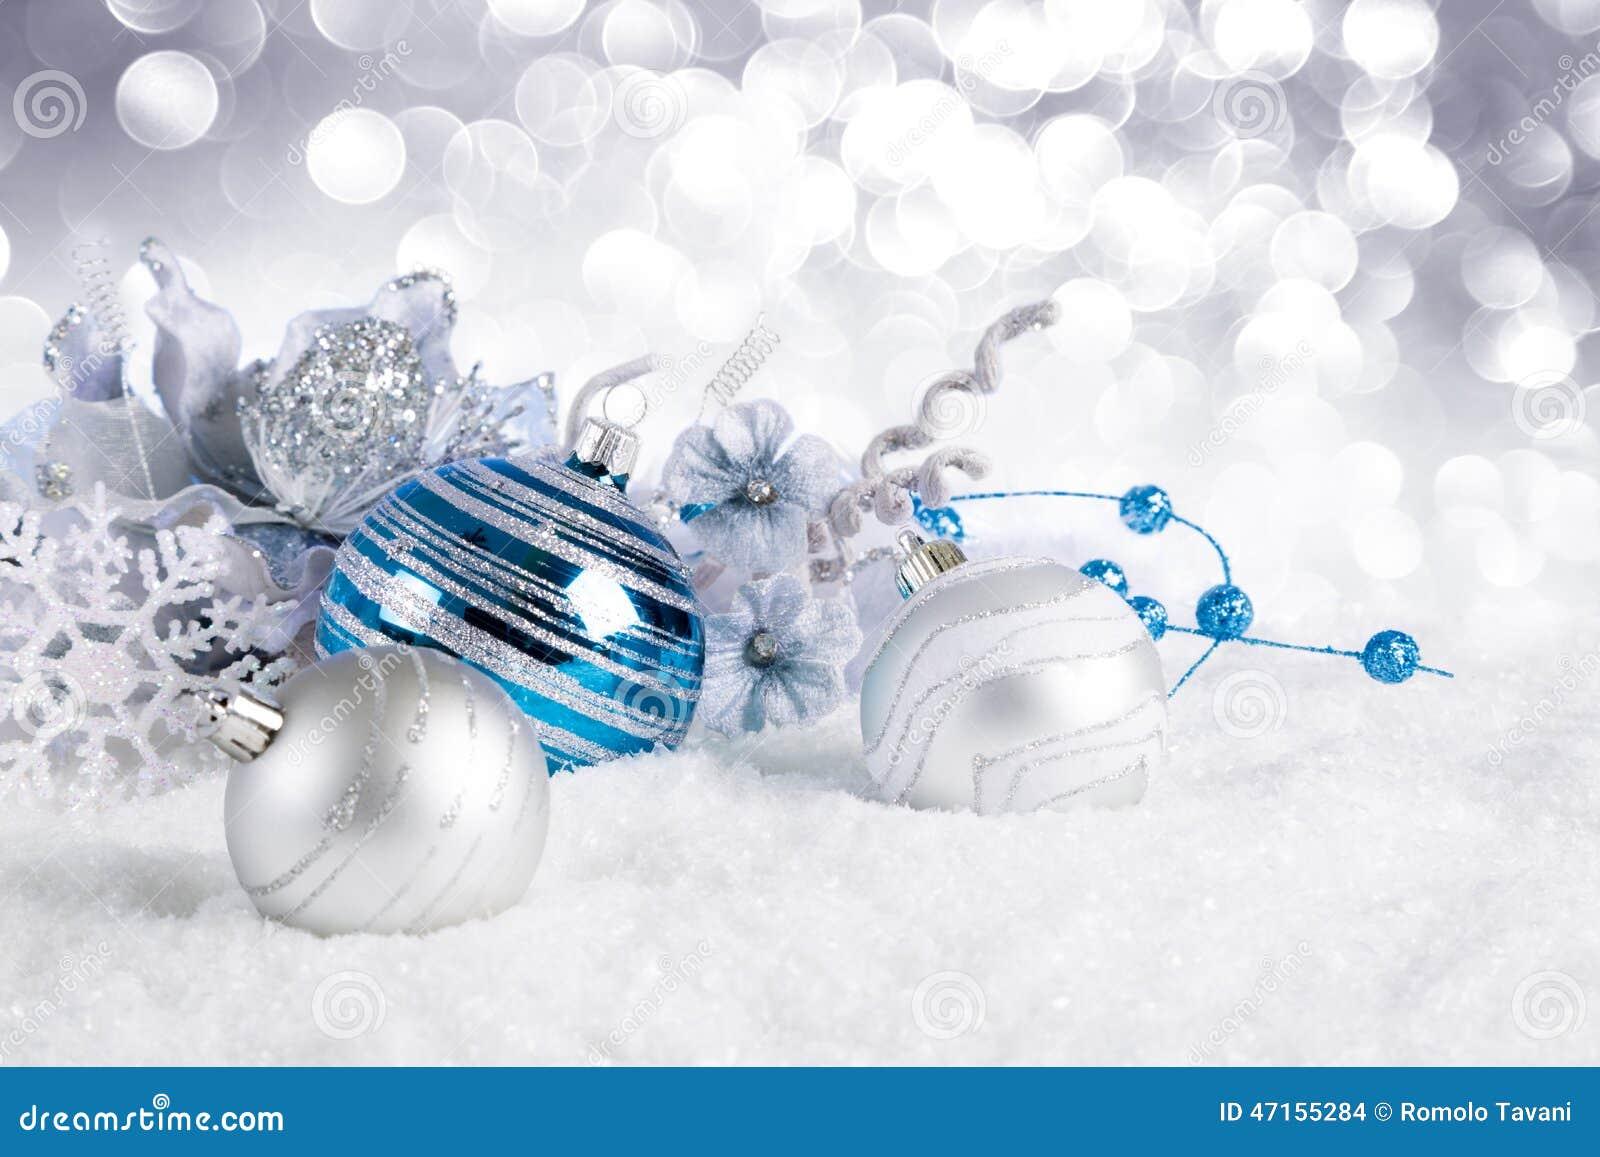 Blaue weihnachtskugeln auf schnee stockfoto bild von - Blaue christbaumkugeln ...